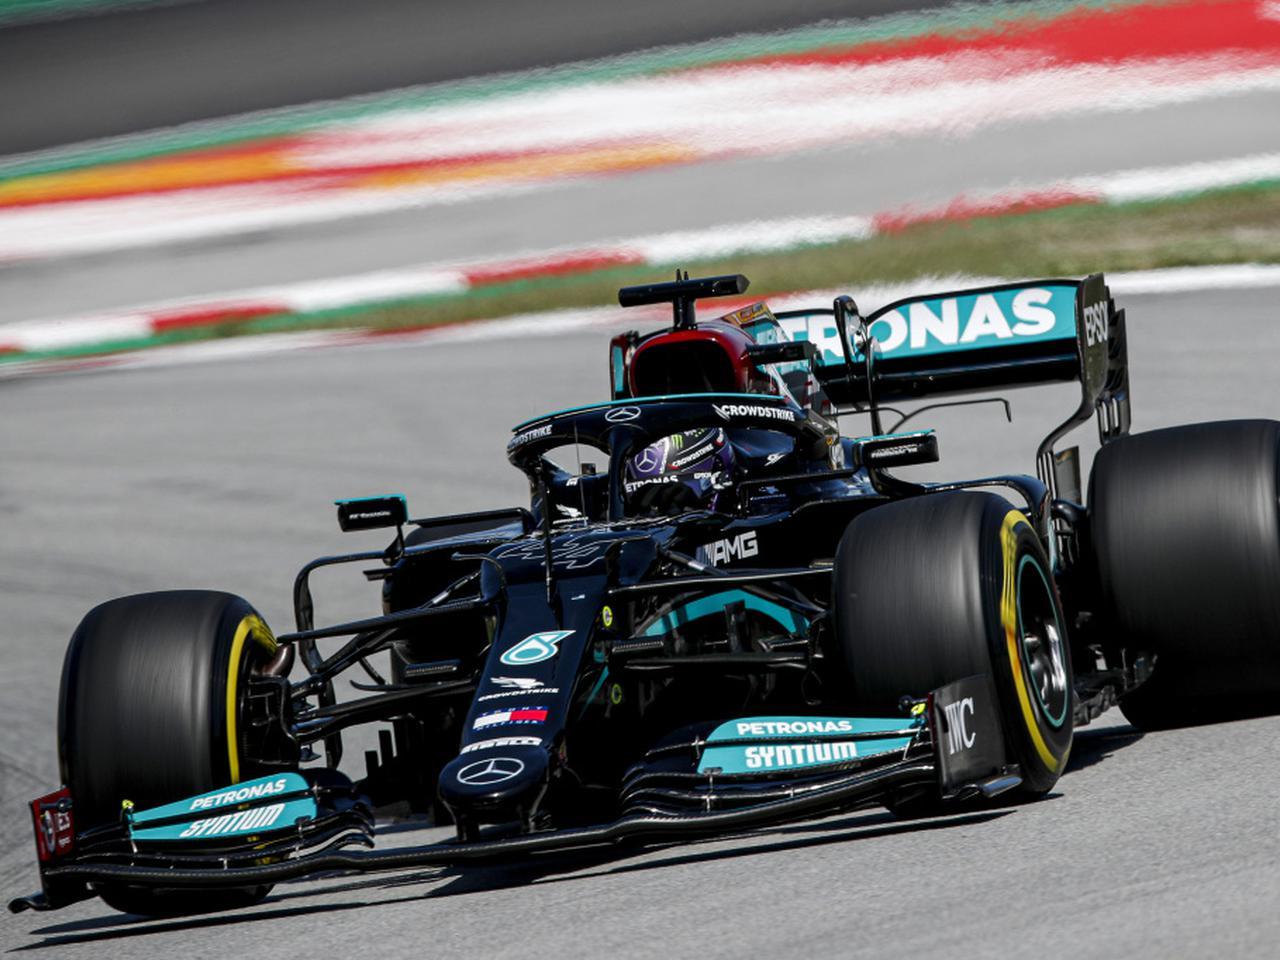 2021年F1第4戦スペインGP予選、ハミルトンが通算100回目のポール、フェルスタッペンはわずかに届かず【モータースポーツ】